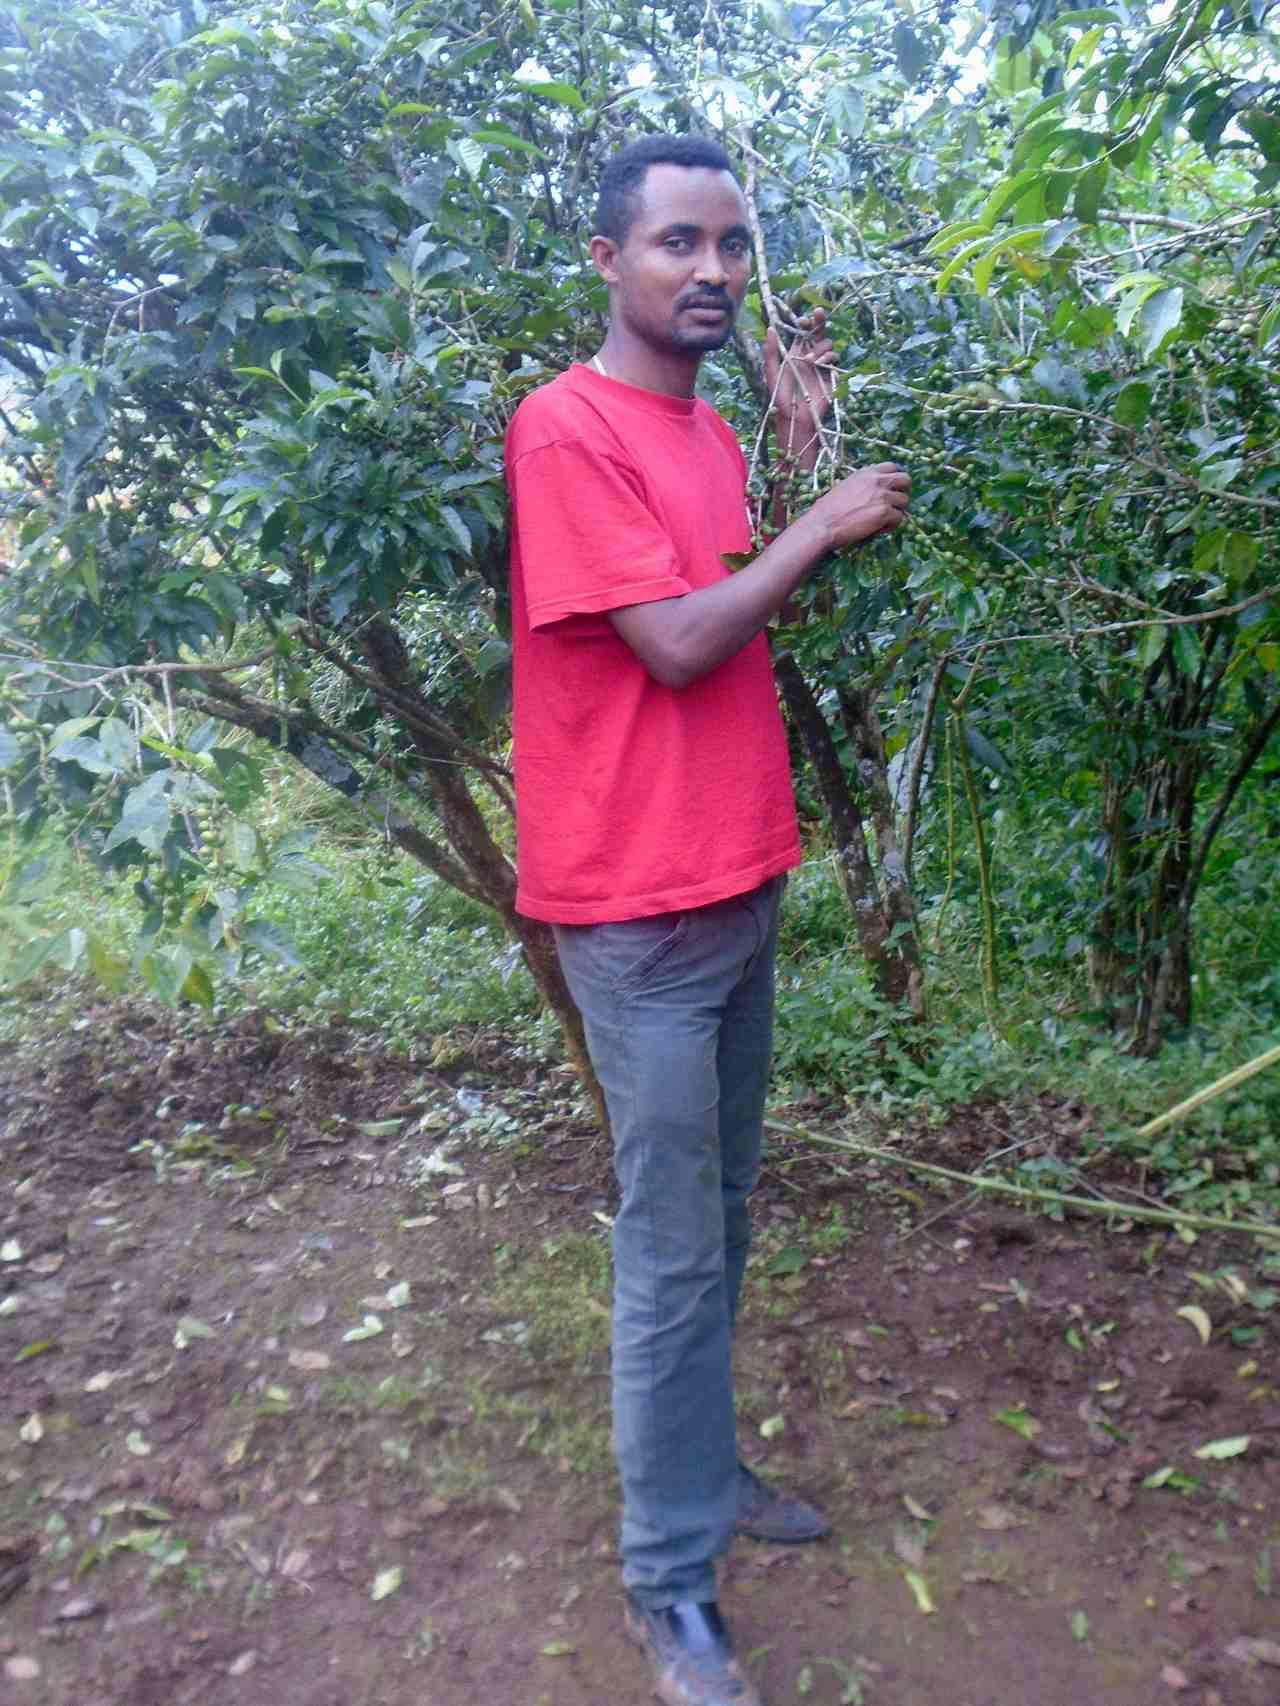 台科大衣索比亞學生BULTI_ABDISA_KERAYU家裡種植咖啡。圖/台科大...